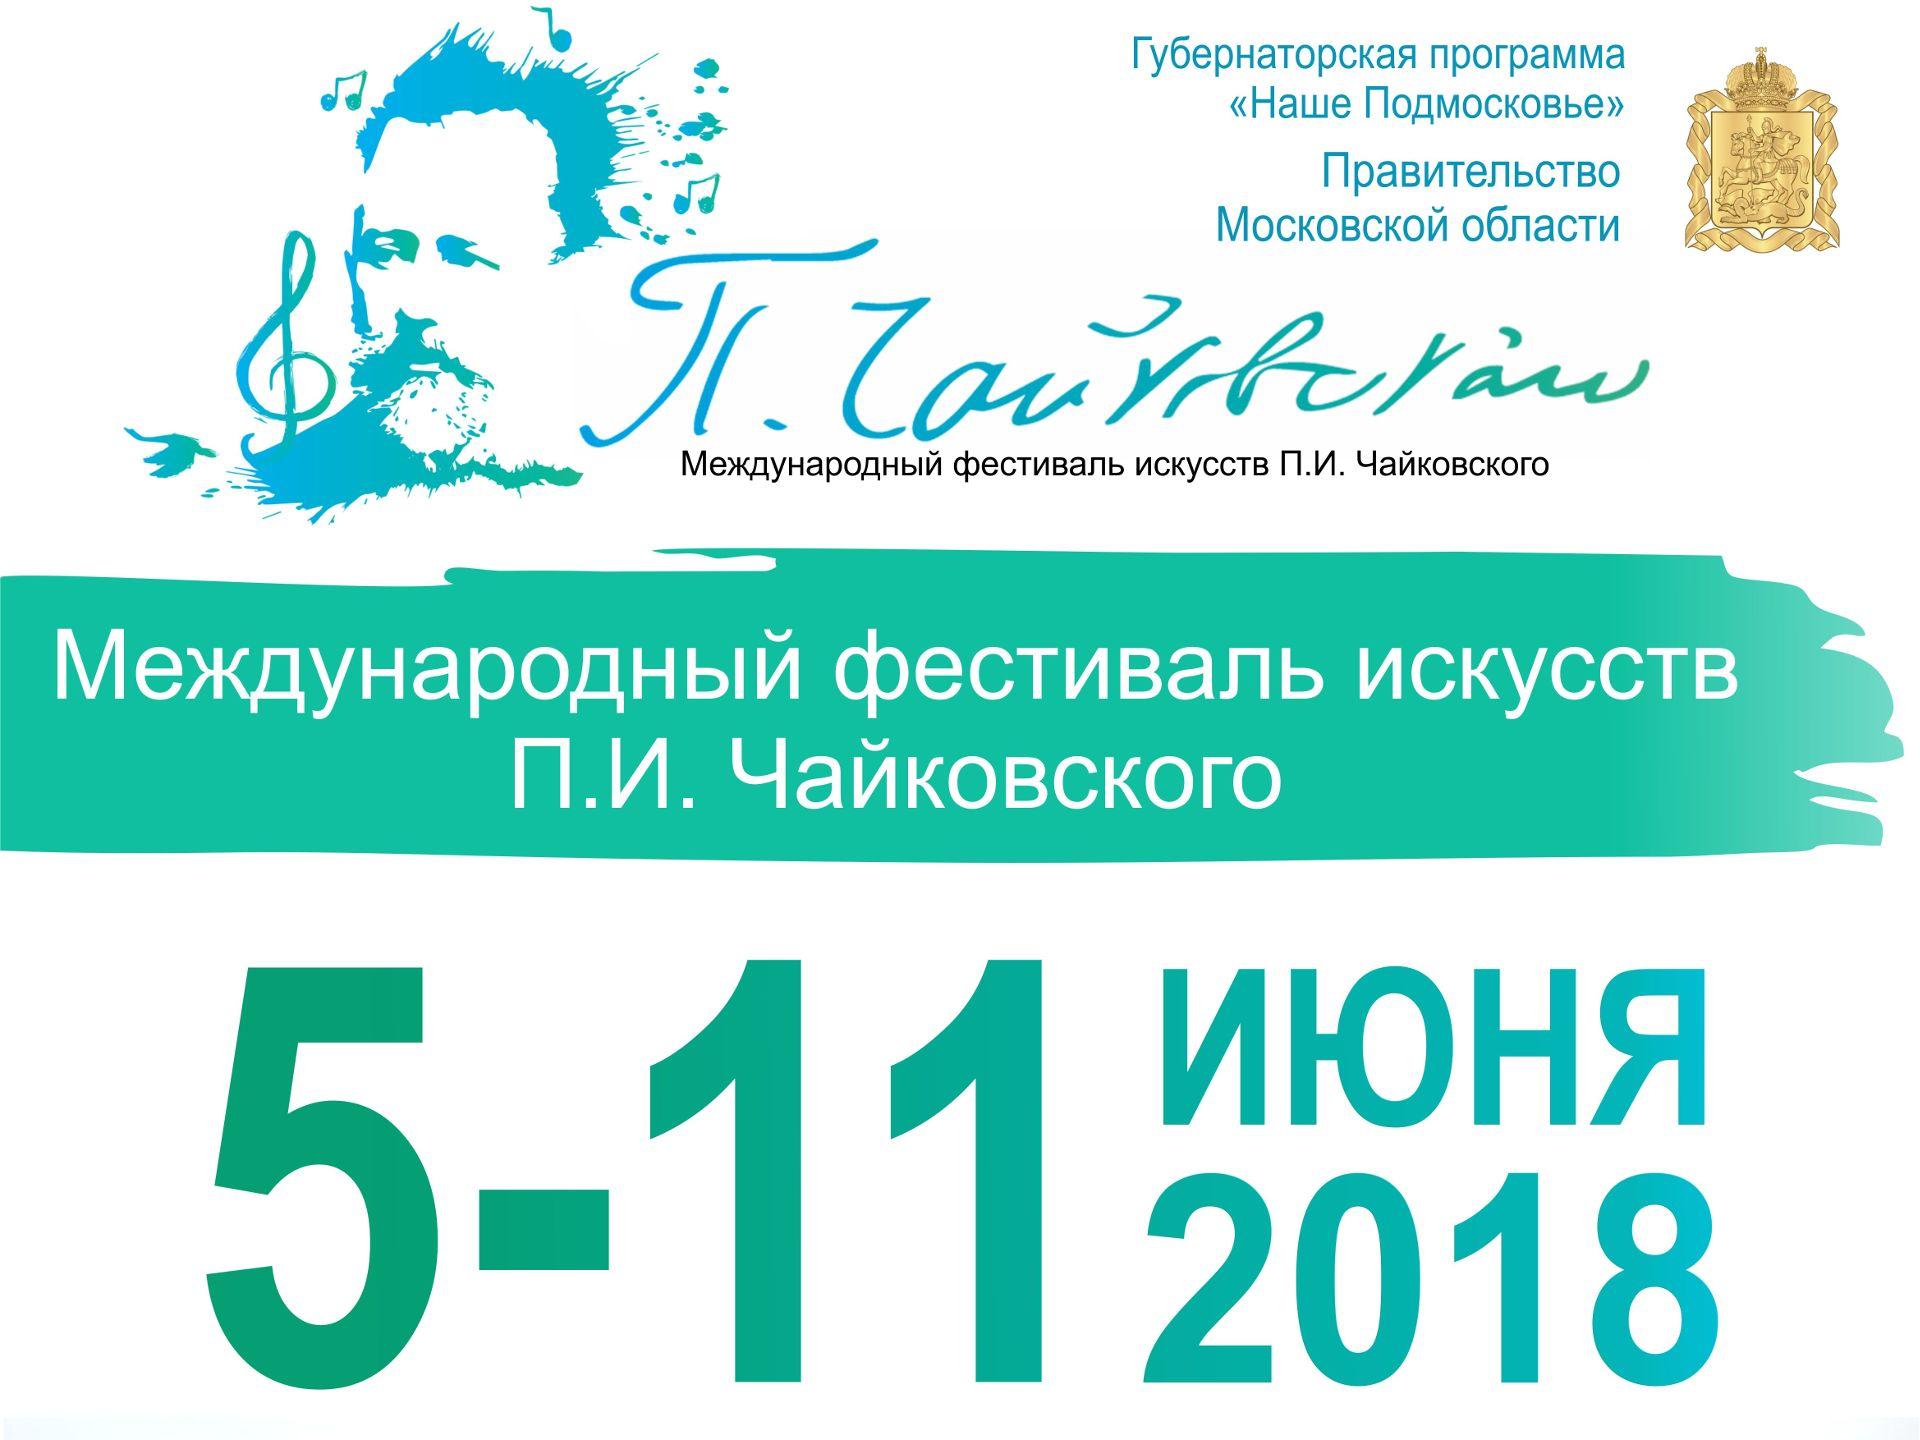 Международный фестиваль искусств П. И. Чайковского пройдёт в Клину